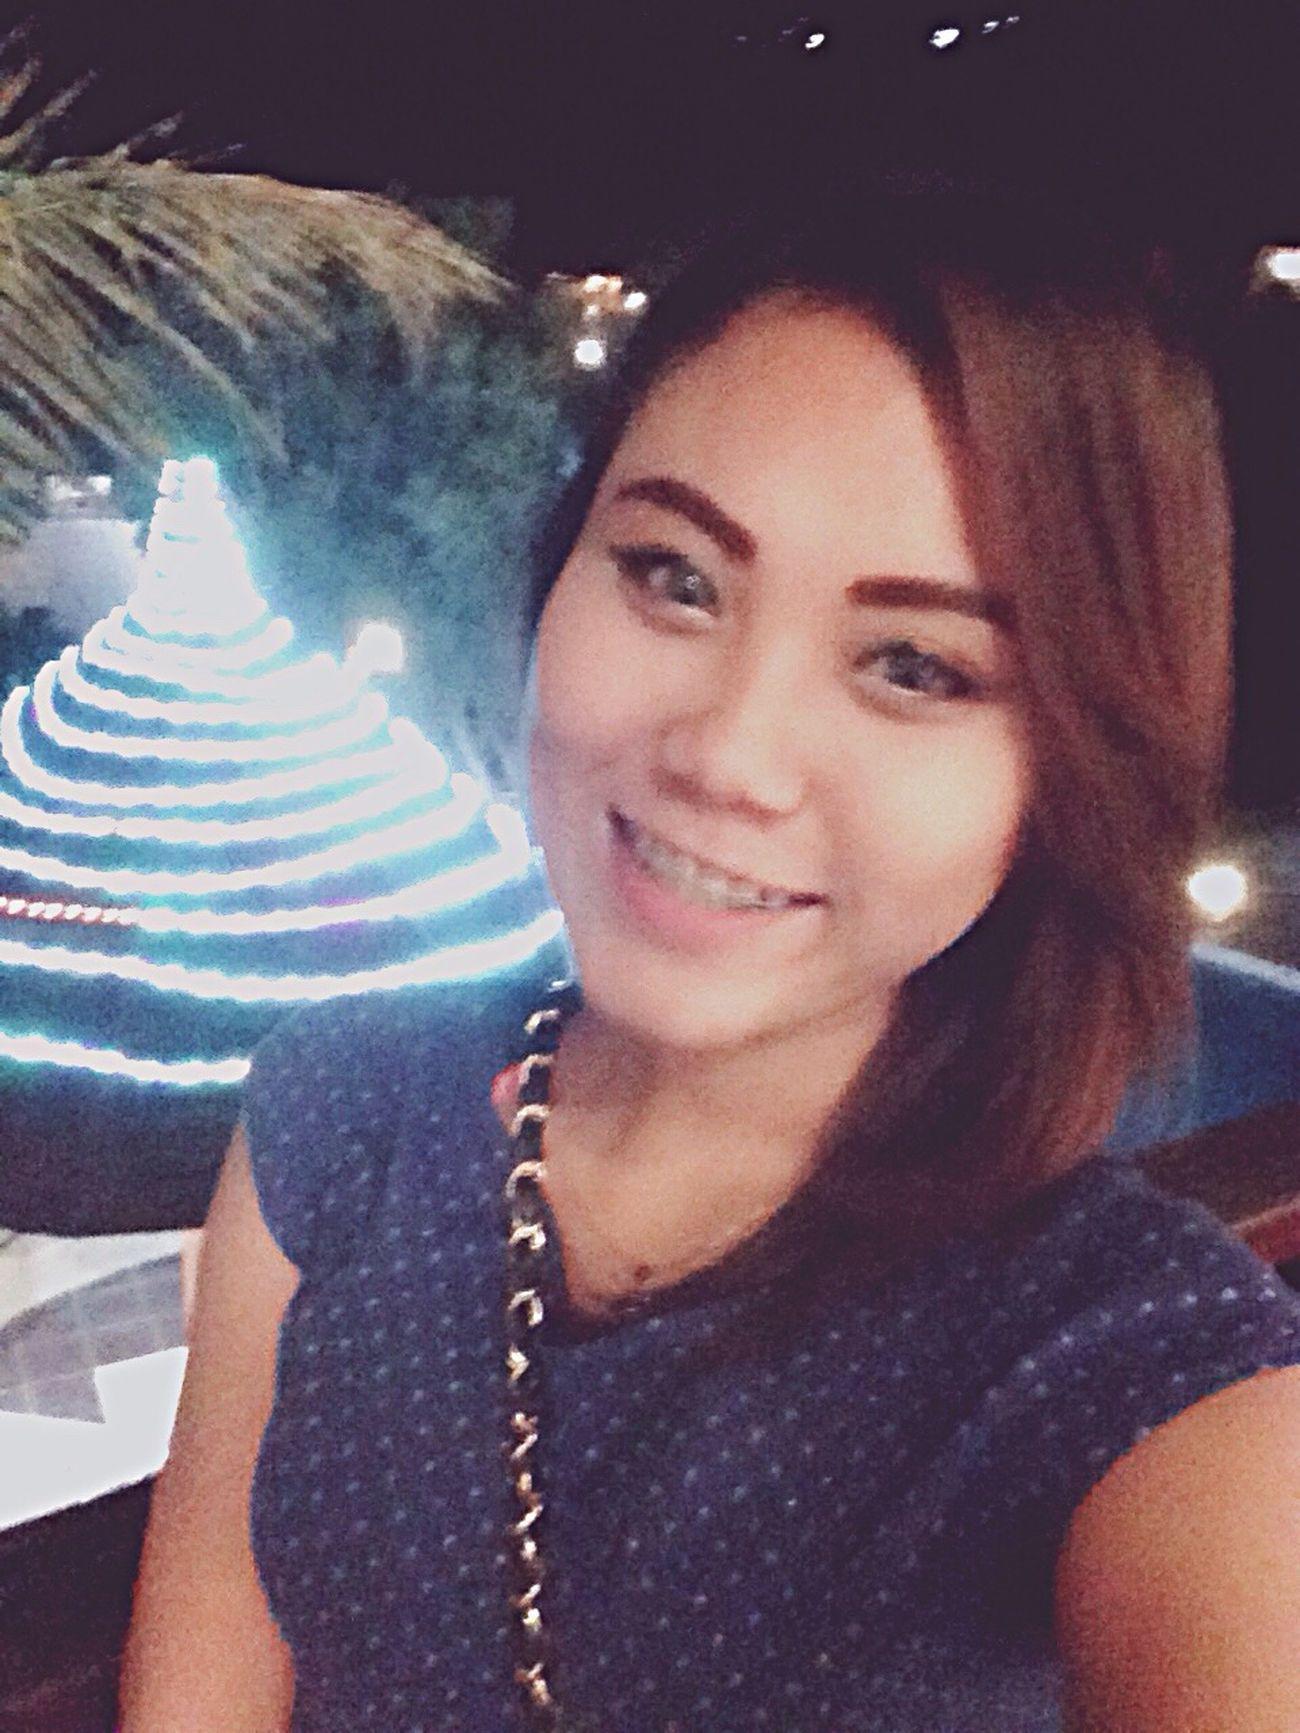 Just me ☺️ Selfie ✌ JustMe Just Smile  Lovemyself